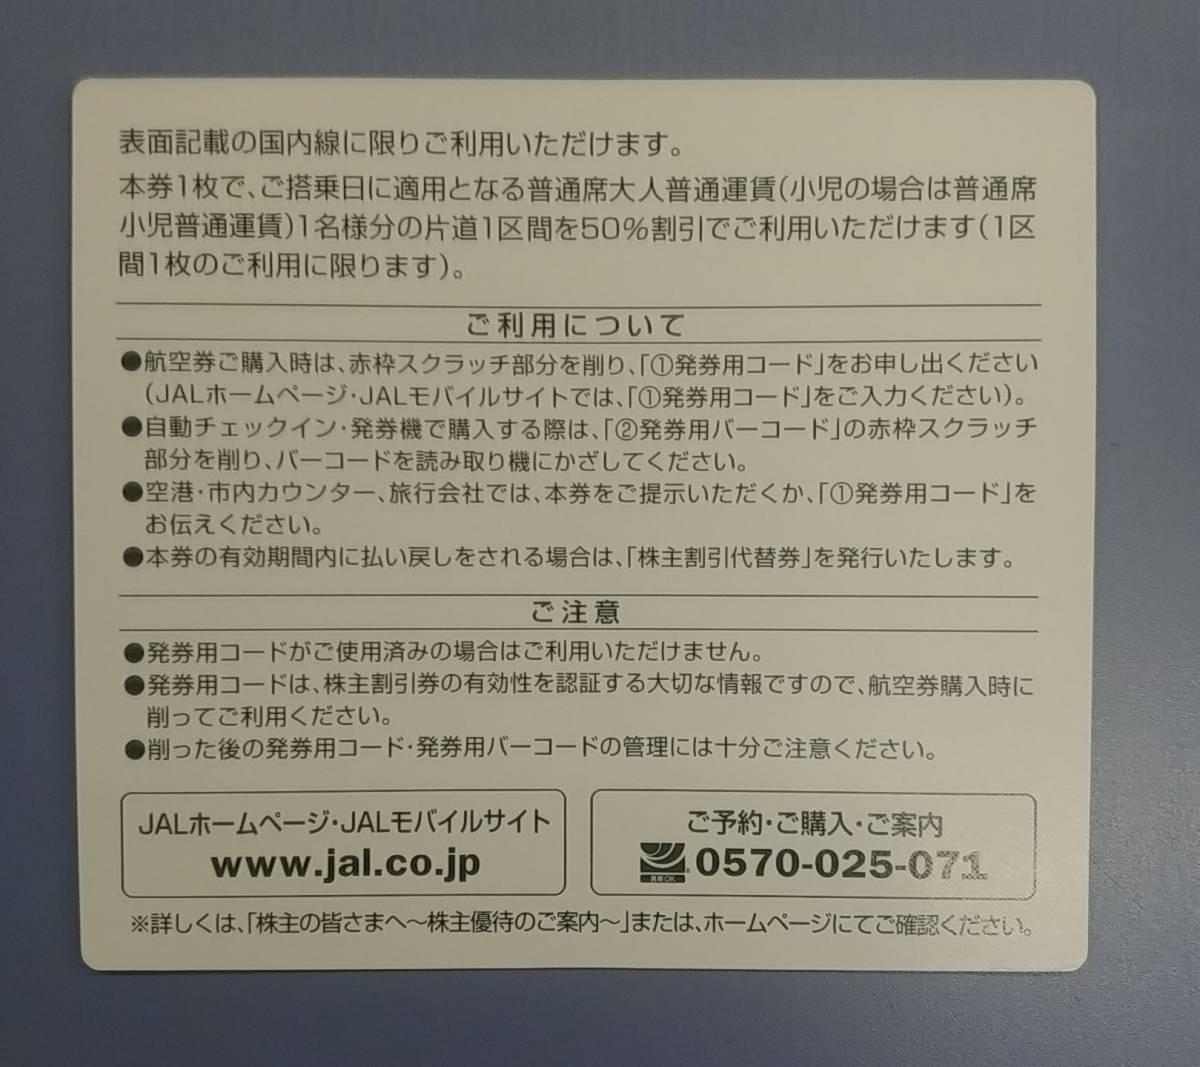 ◎有効期限延長分◎ 番号通知対応★ JAL 日本航空 株主優待 国内5割引 複数枚あり 2021年5月31日期限⇒2021年11月30日に延長_画像2